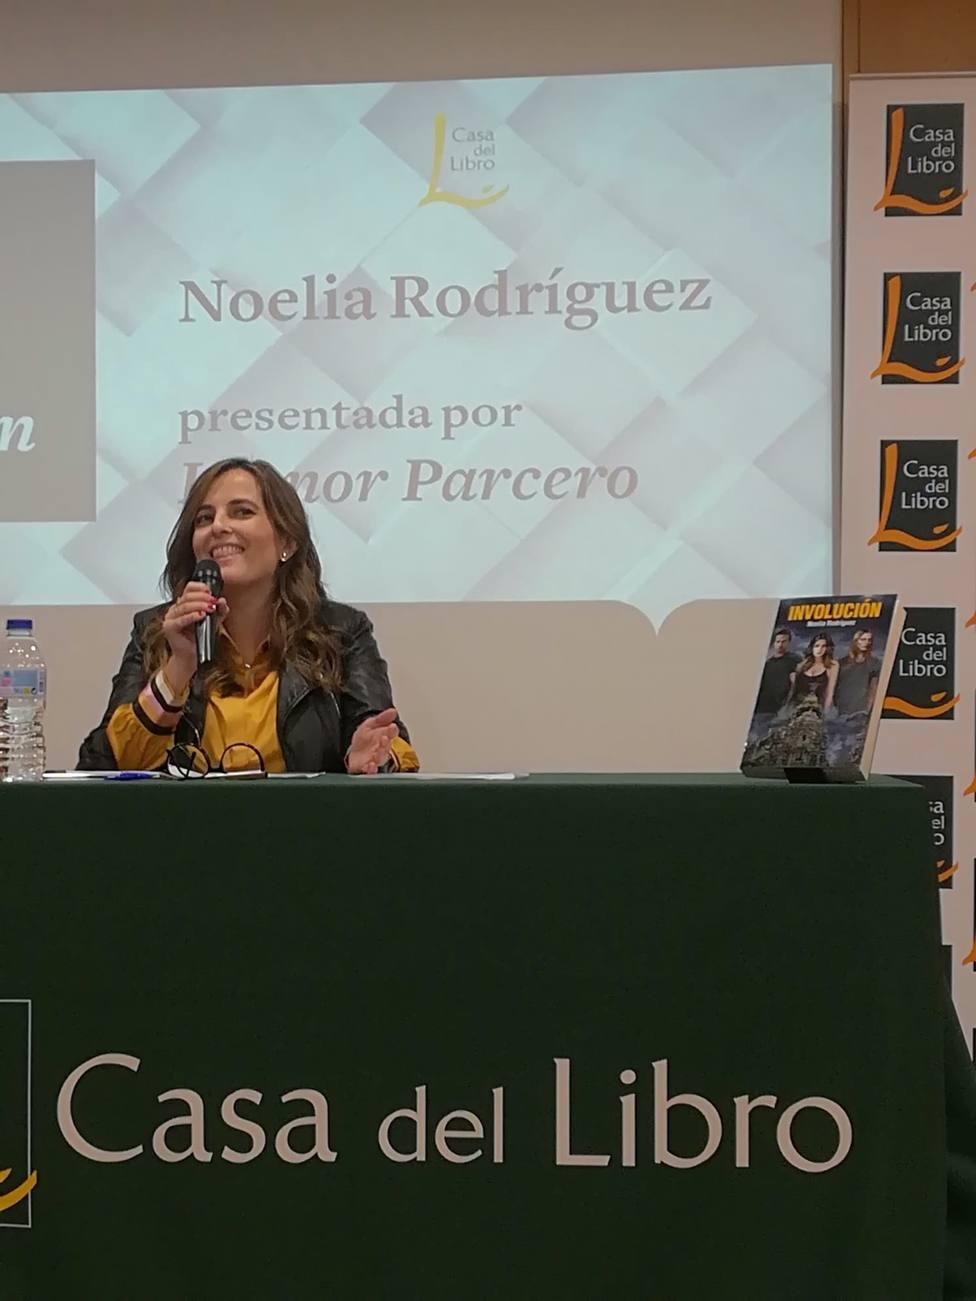 La escritora Noelia Rodríguez evoca el apocalipsis de Madrid con su ópera prima Involución